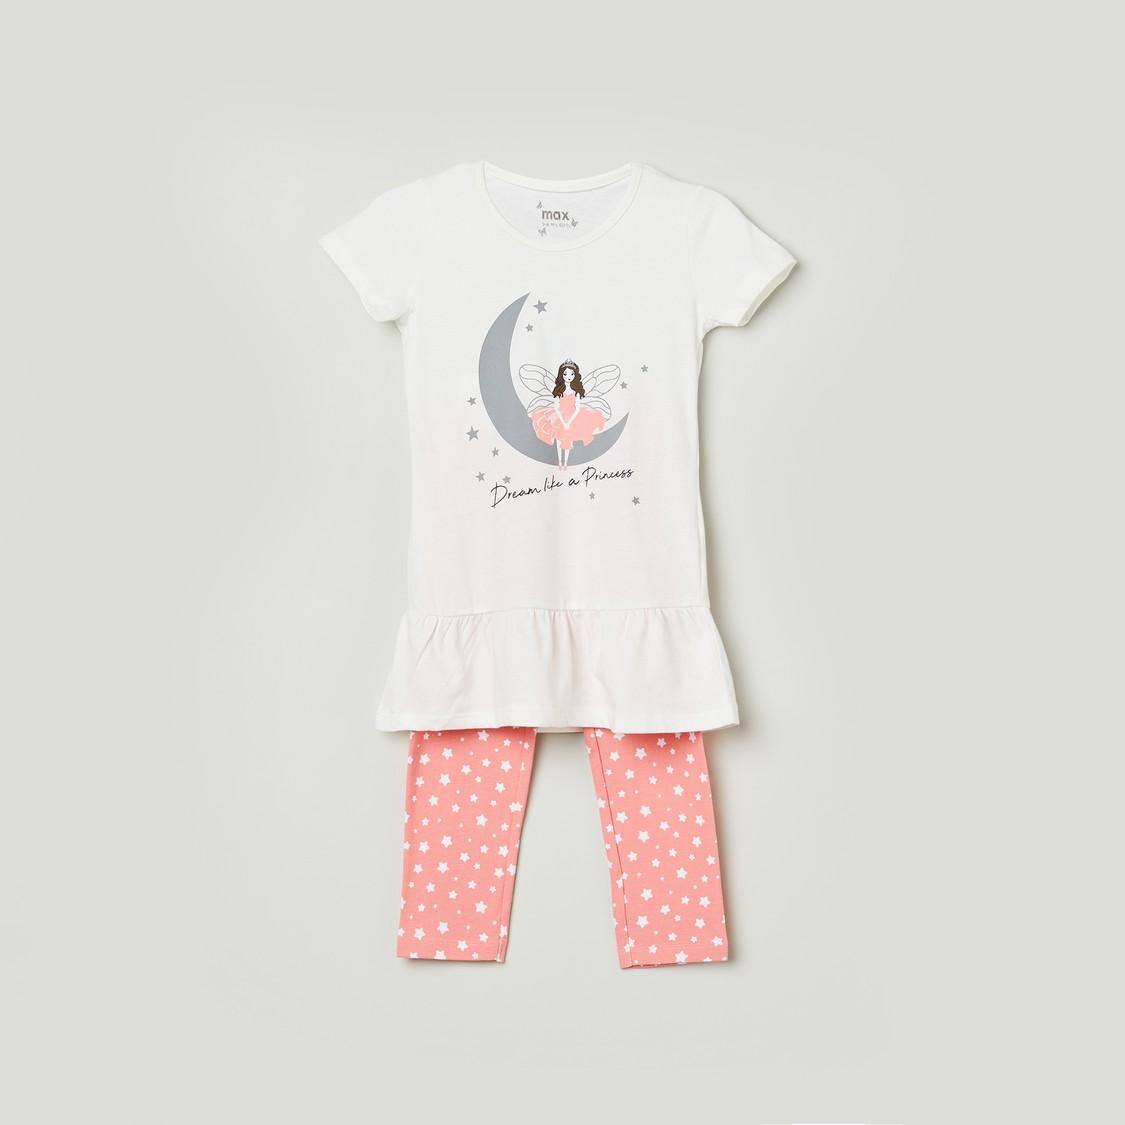 MAX Printed T-shirt and Pant Set